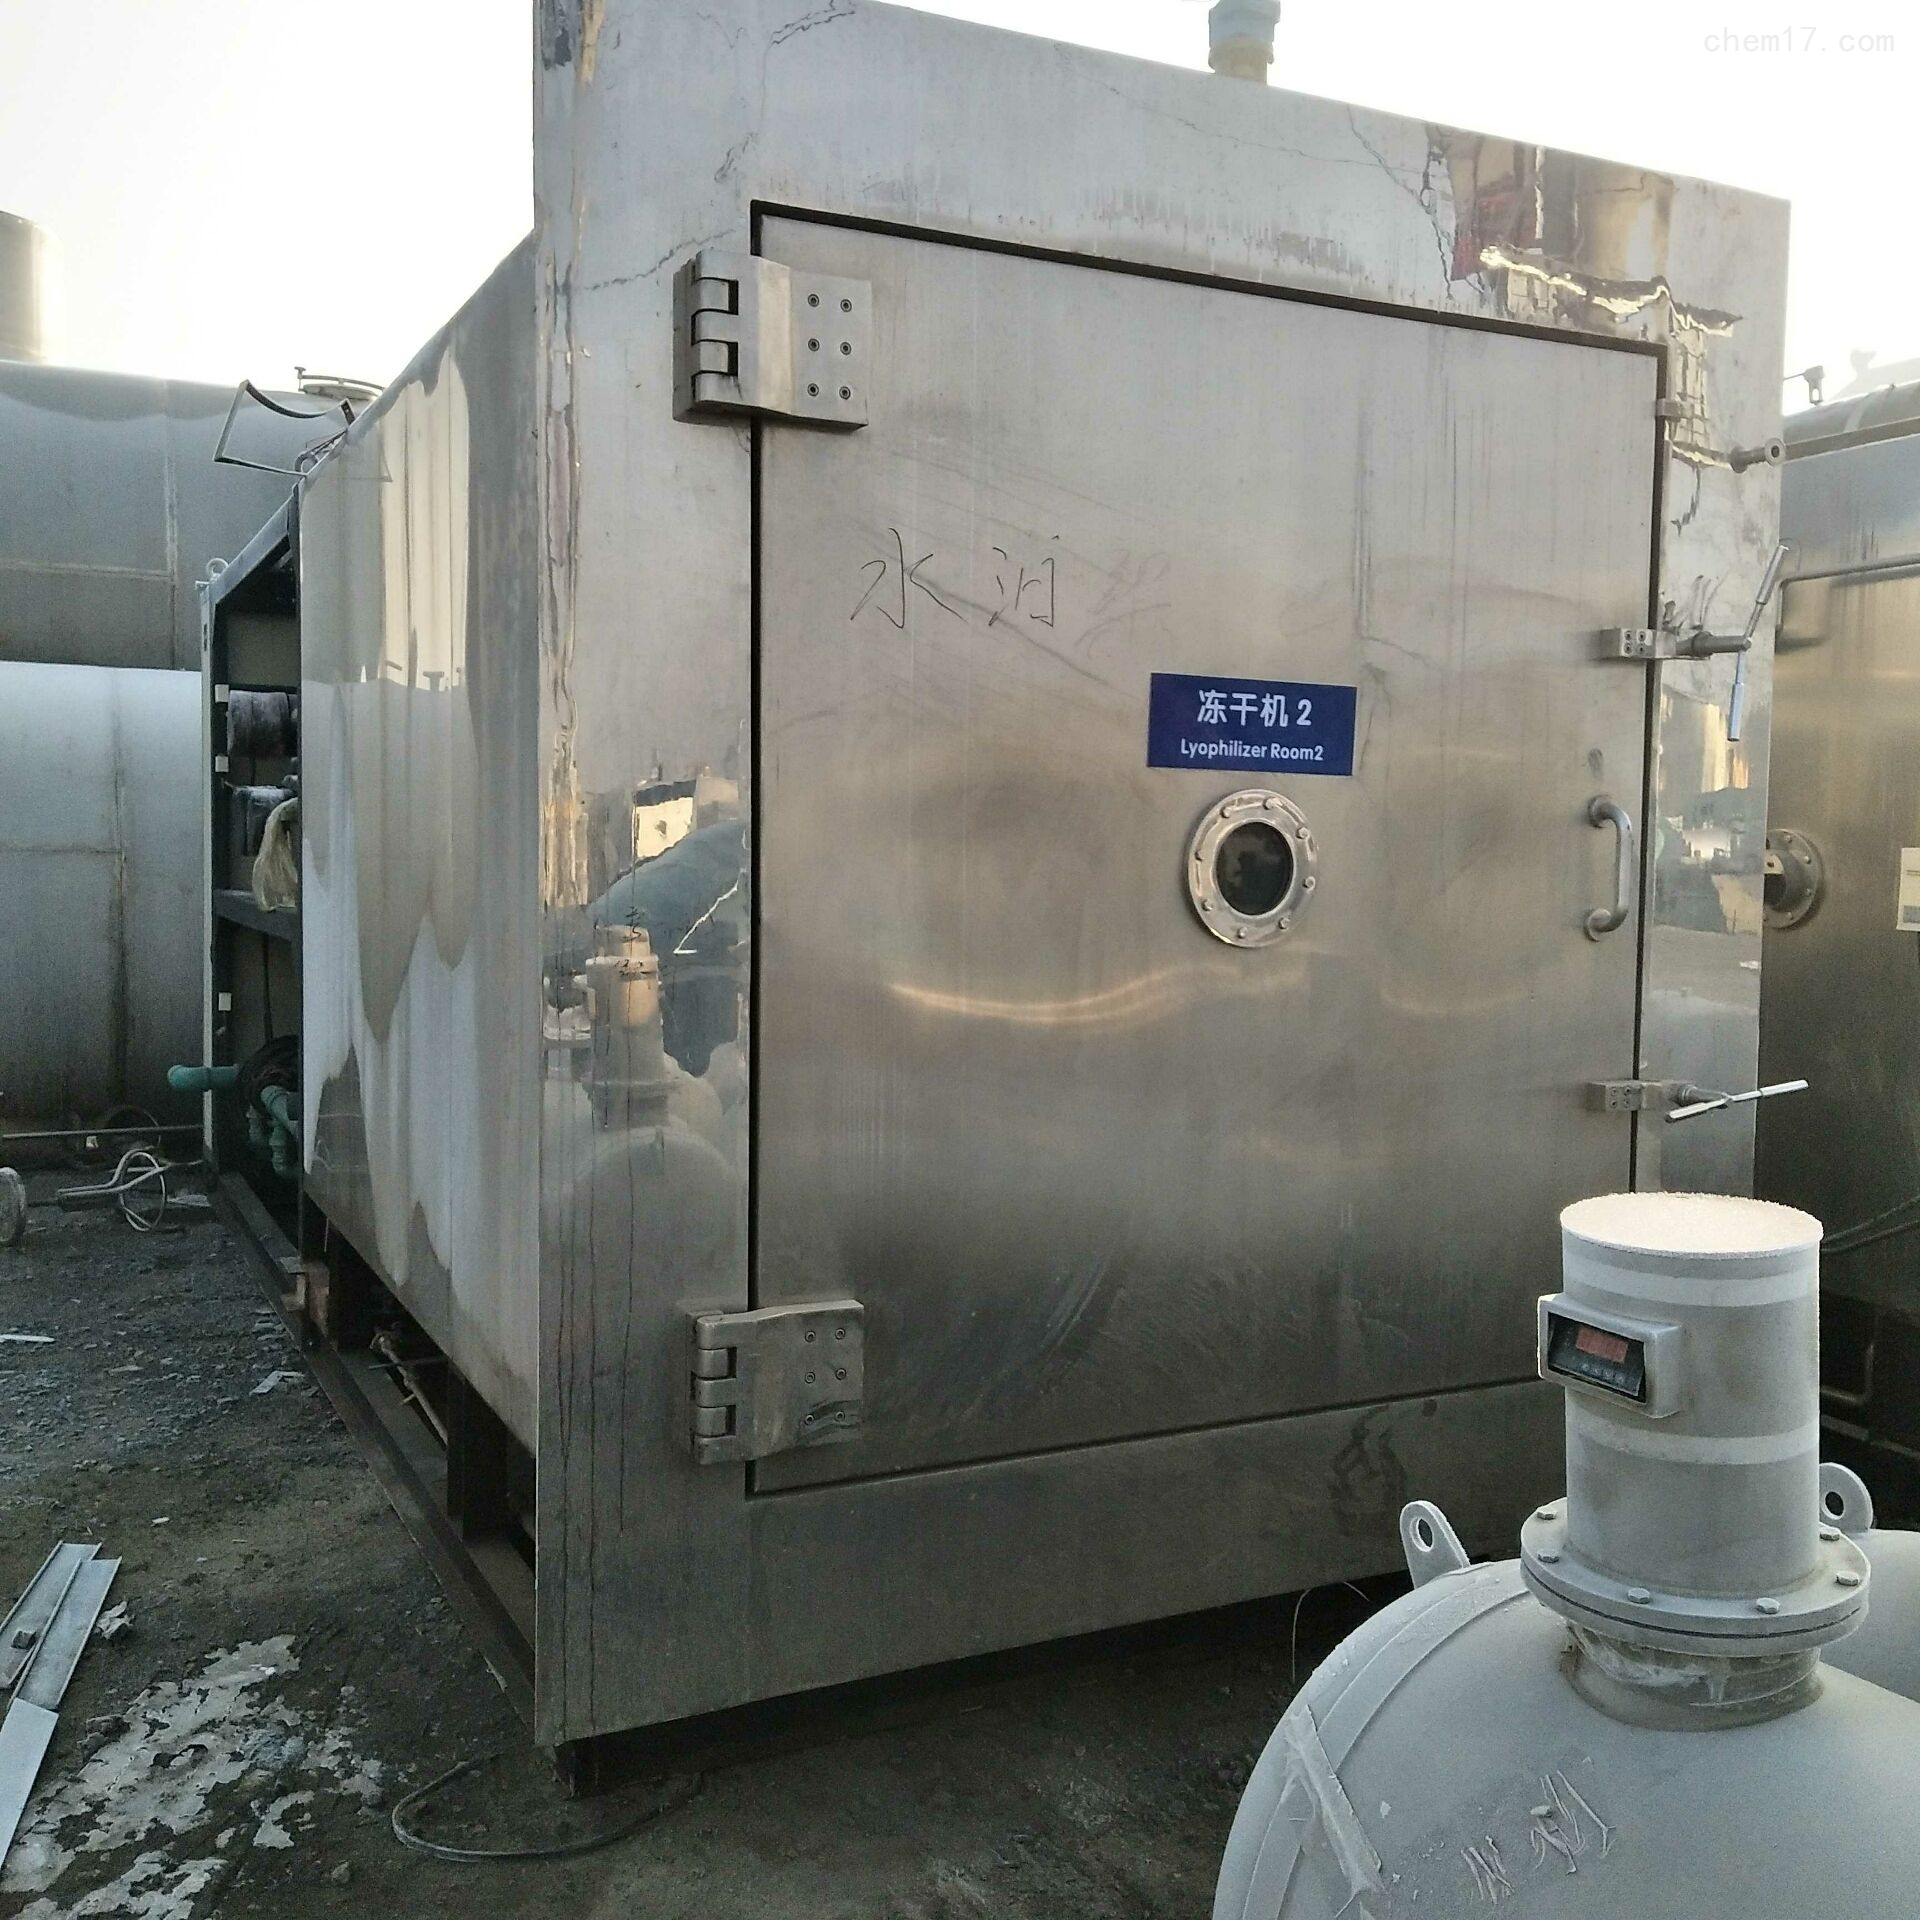 公司急售几台二手真空冷冻干燥机